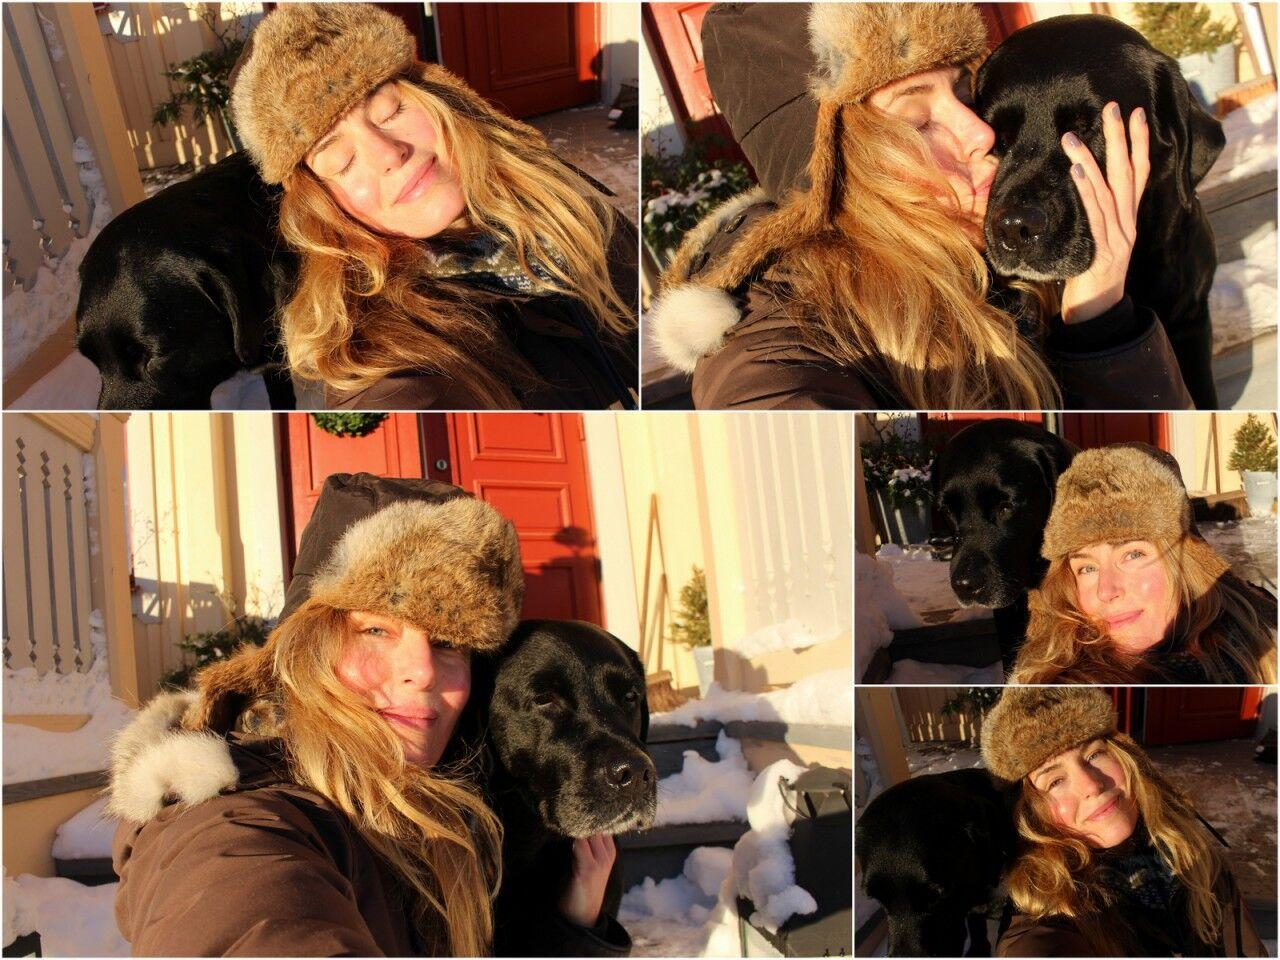 Att ta en bra selfie med en svart labrador var omöjligt. Men tänk, vi kanske borde ha valpar till våren!